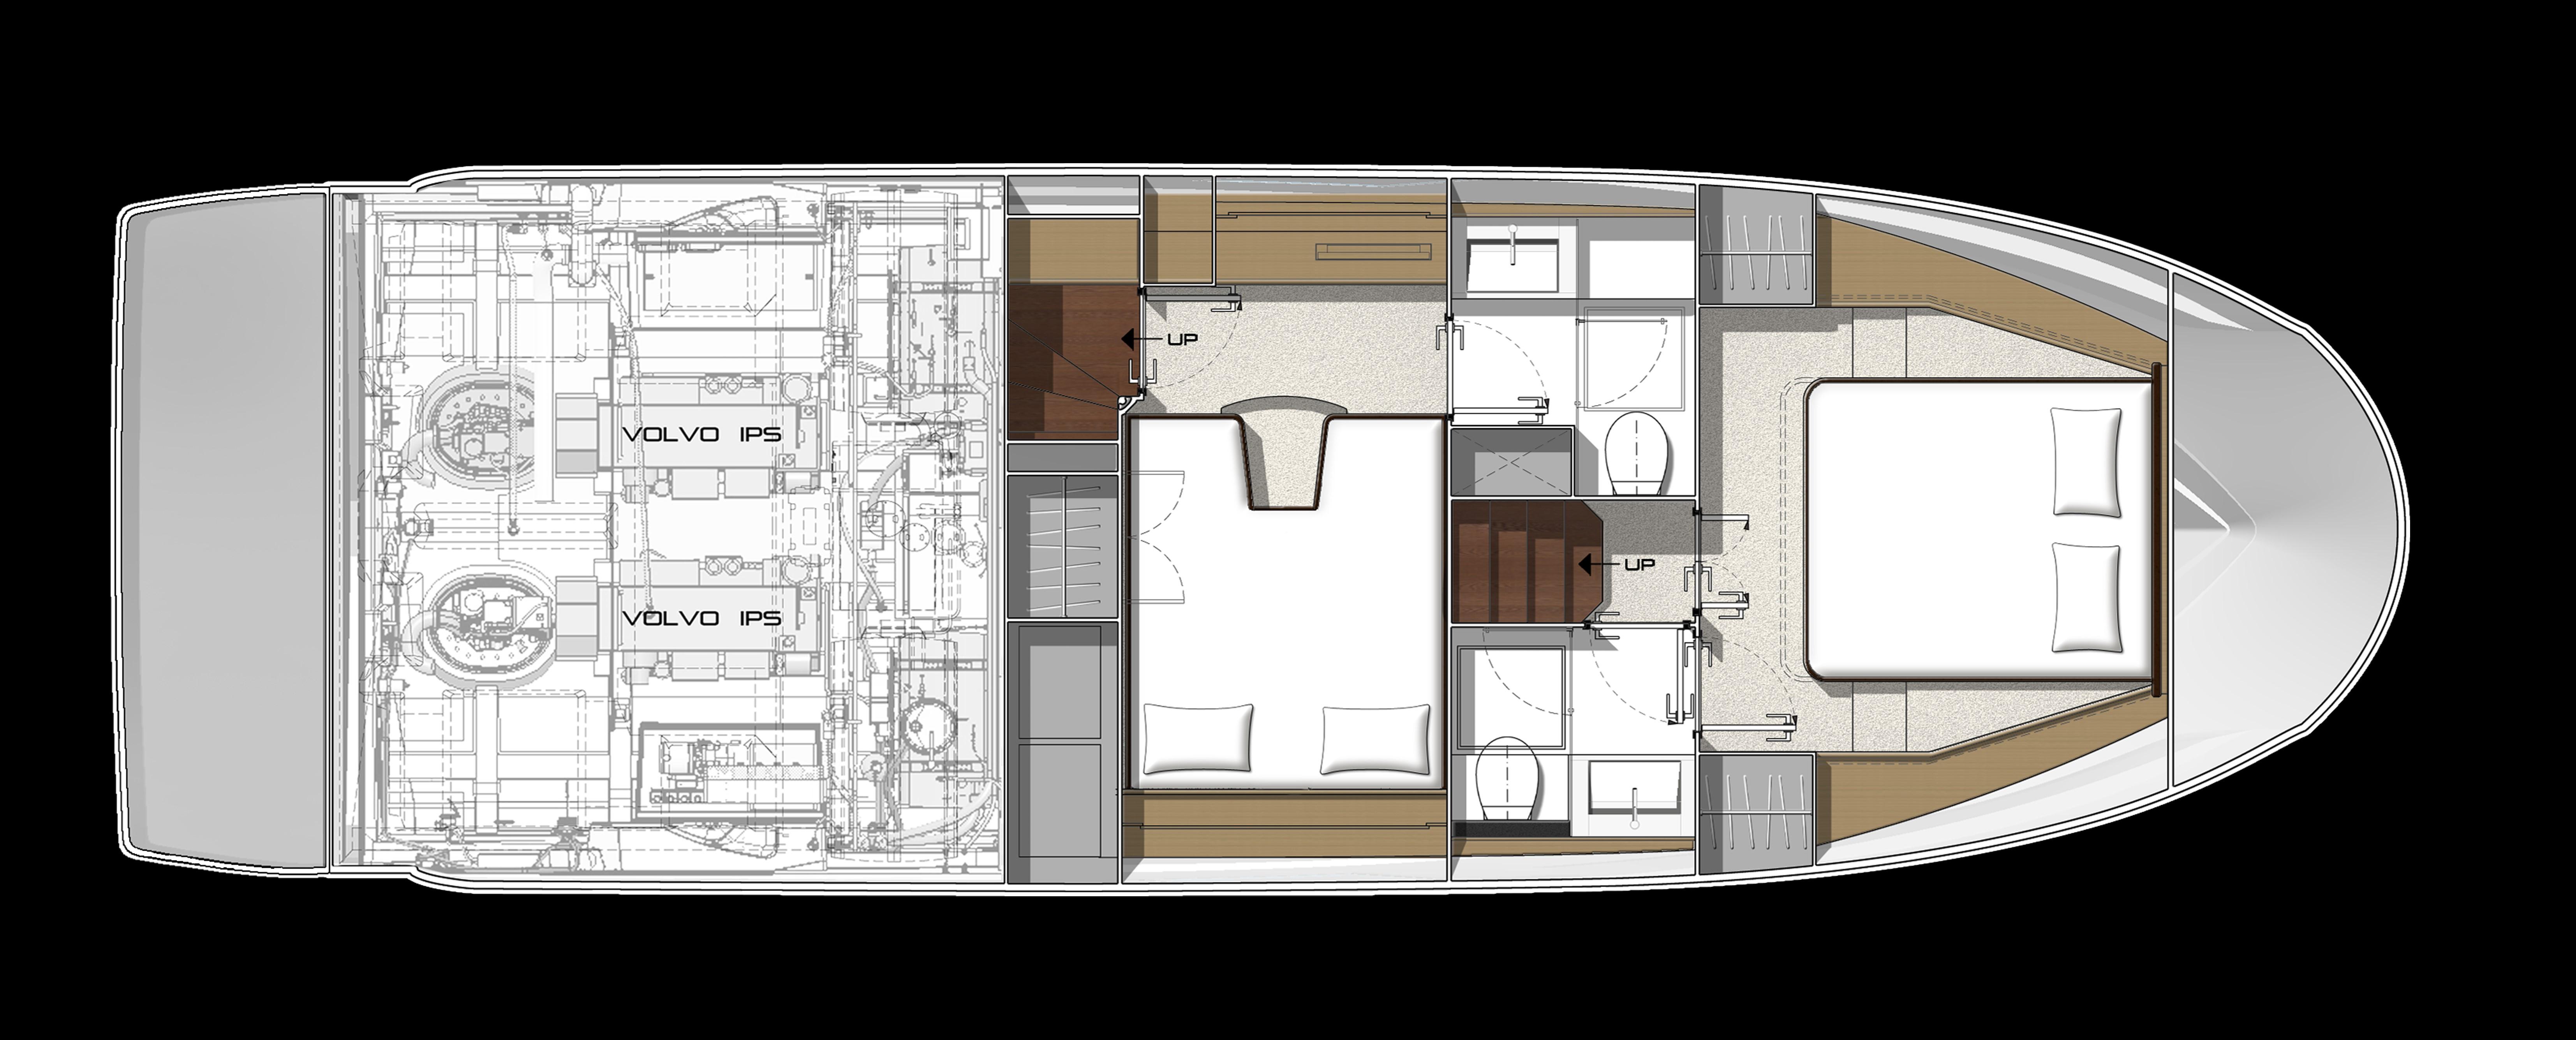 Prestige 420 Prestige 420 Flybridge Yacht